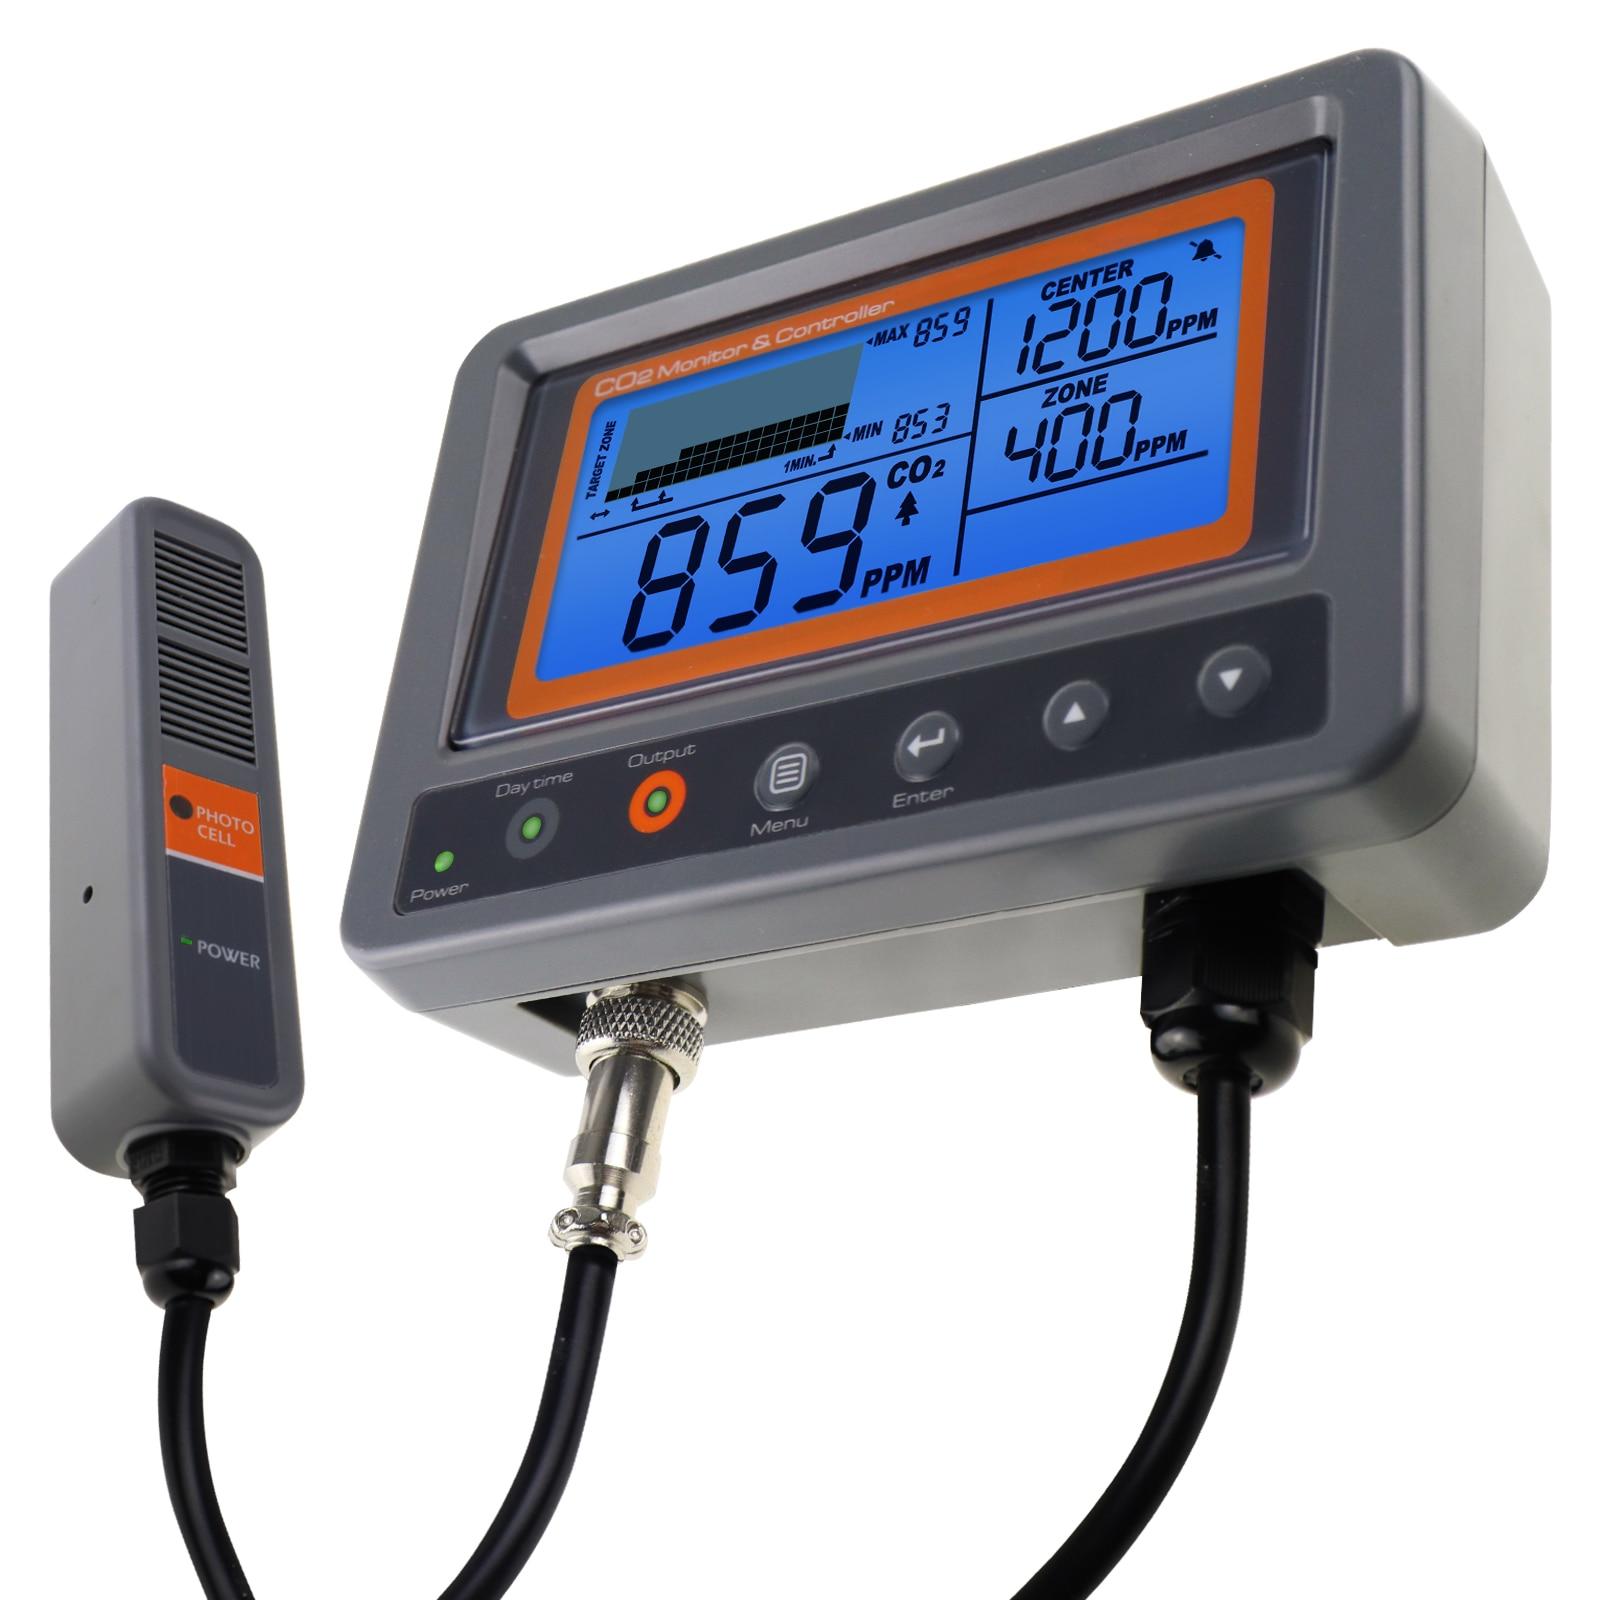 Цифровой настенный углекислого газа CO2 контроллер монитор качества воздуха в помещении w/реле Функция & NDIR Пробник Для зеленый дом, офис